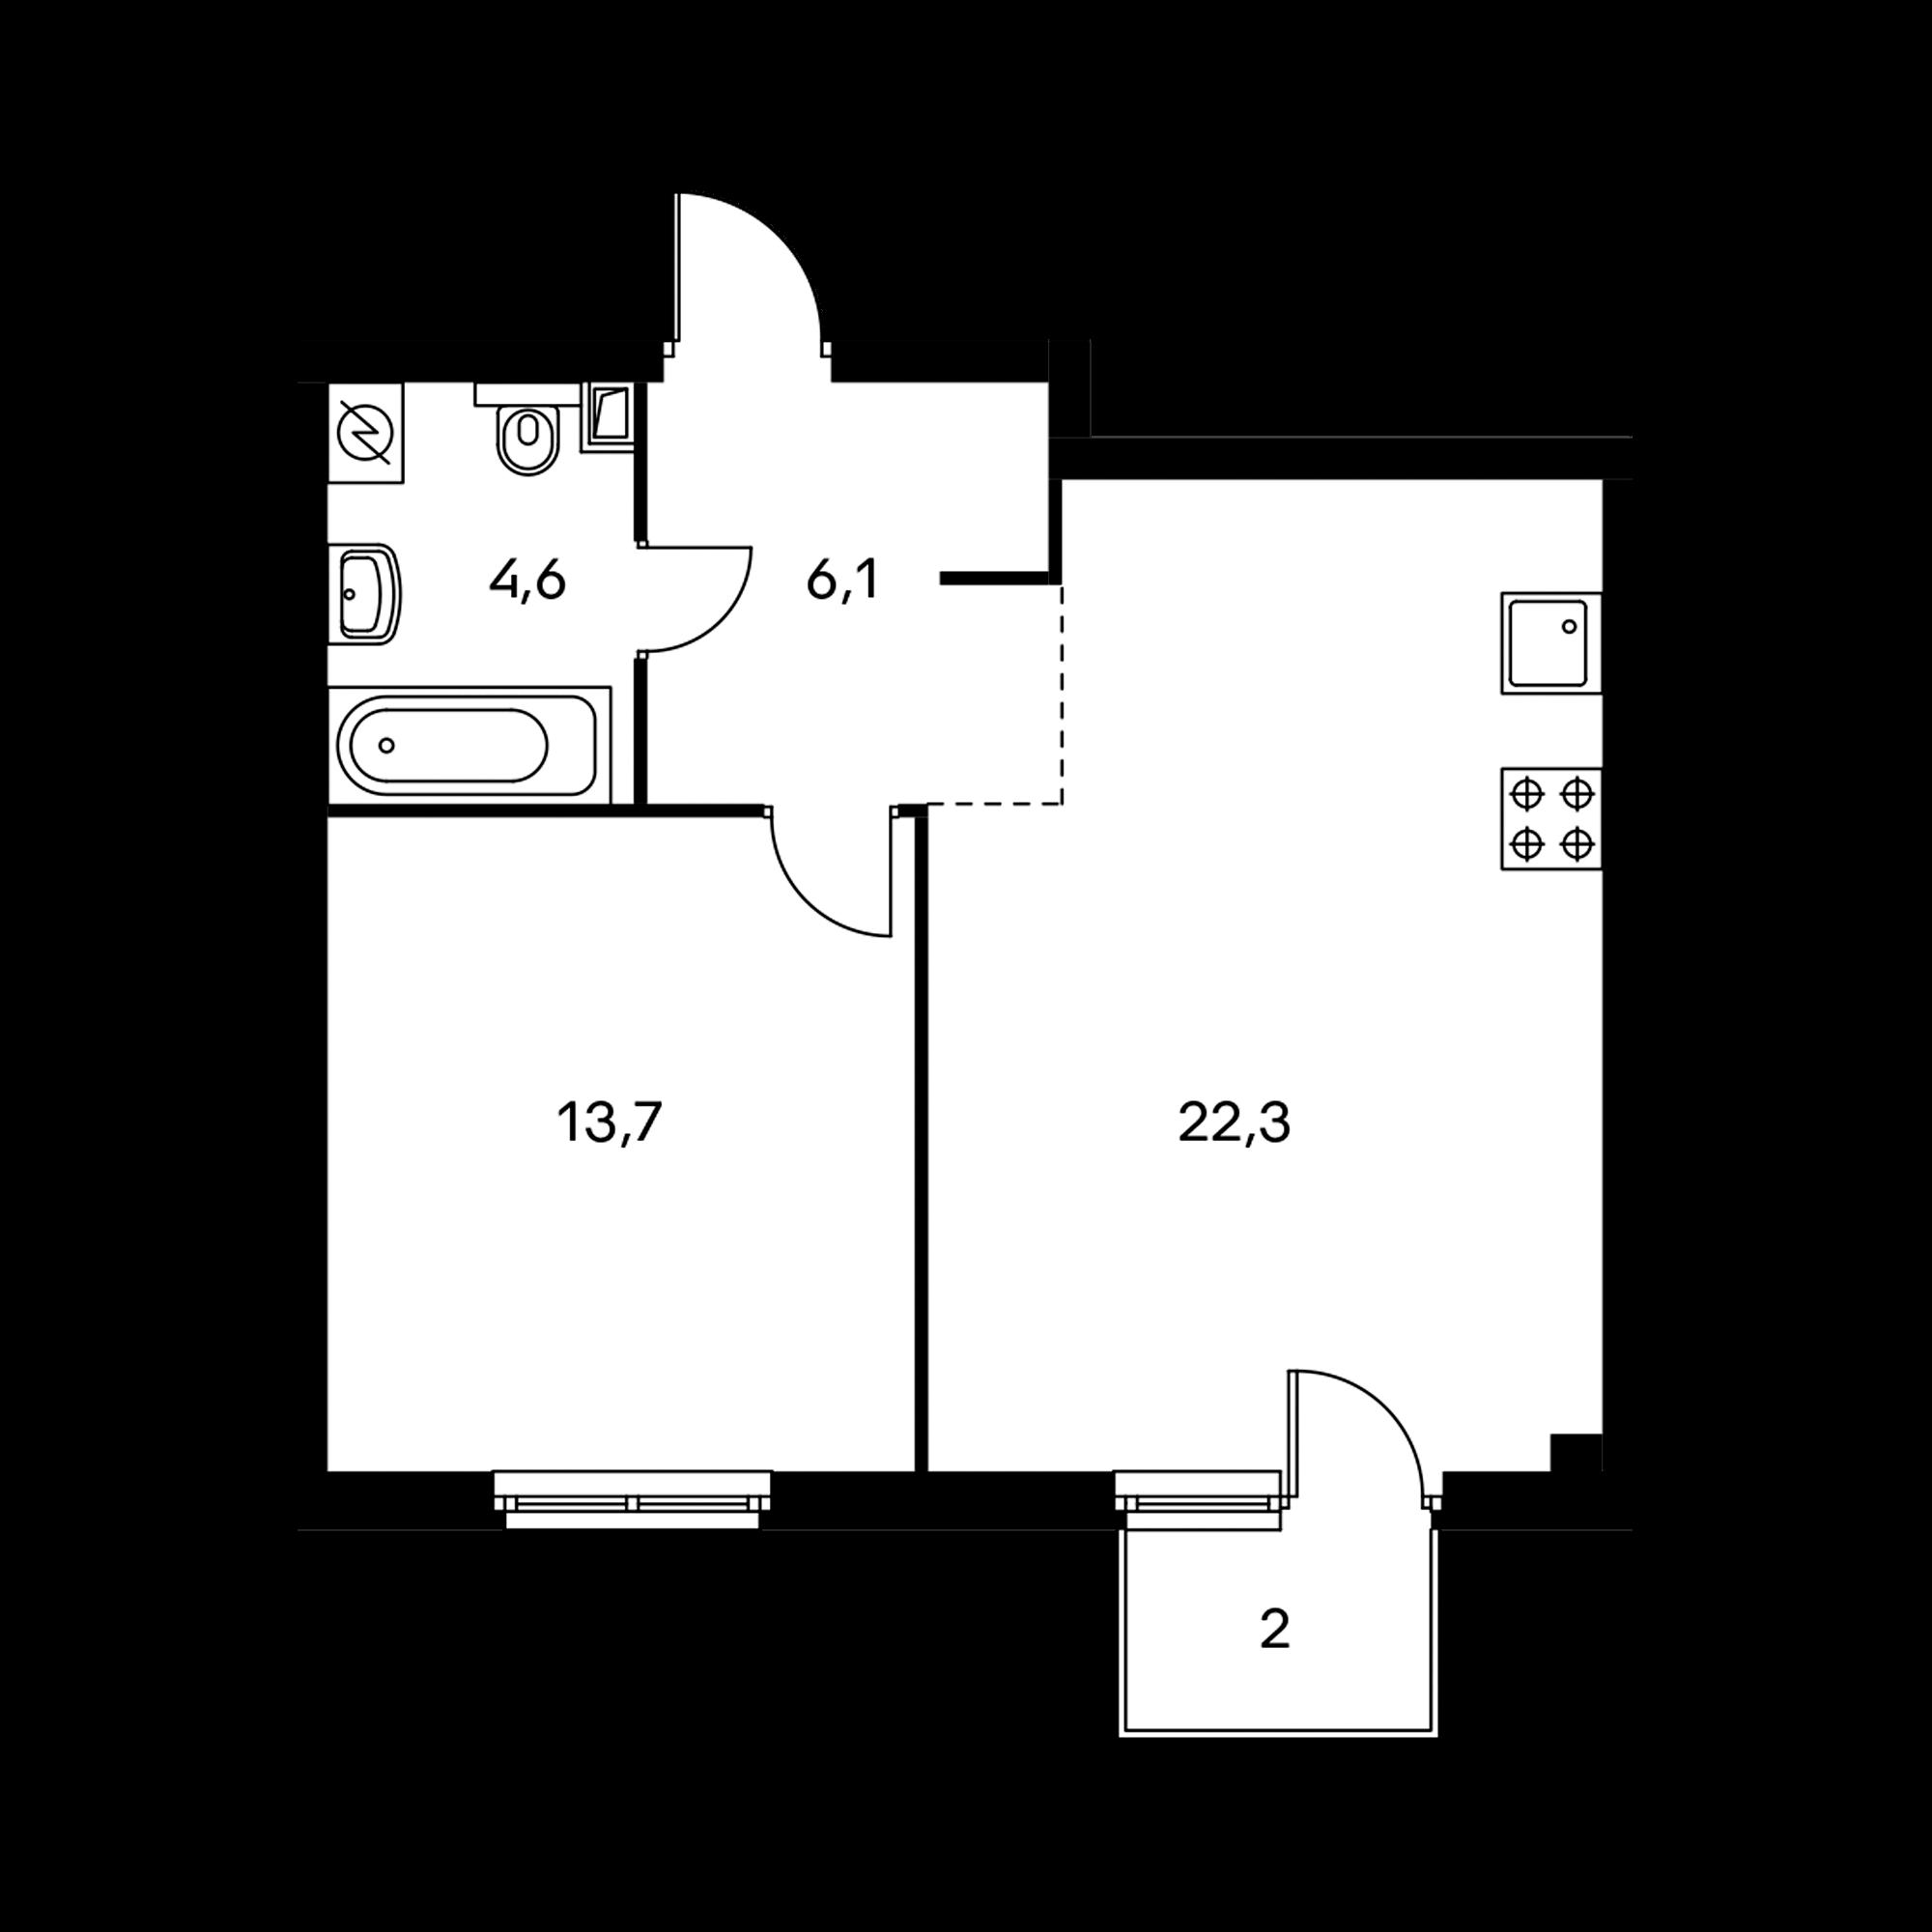 1EL3_7.8-B